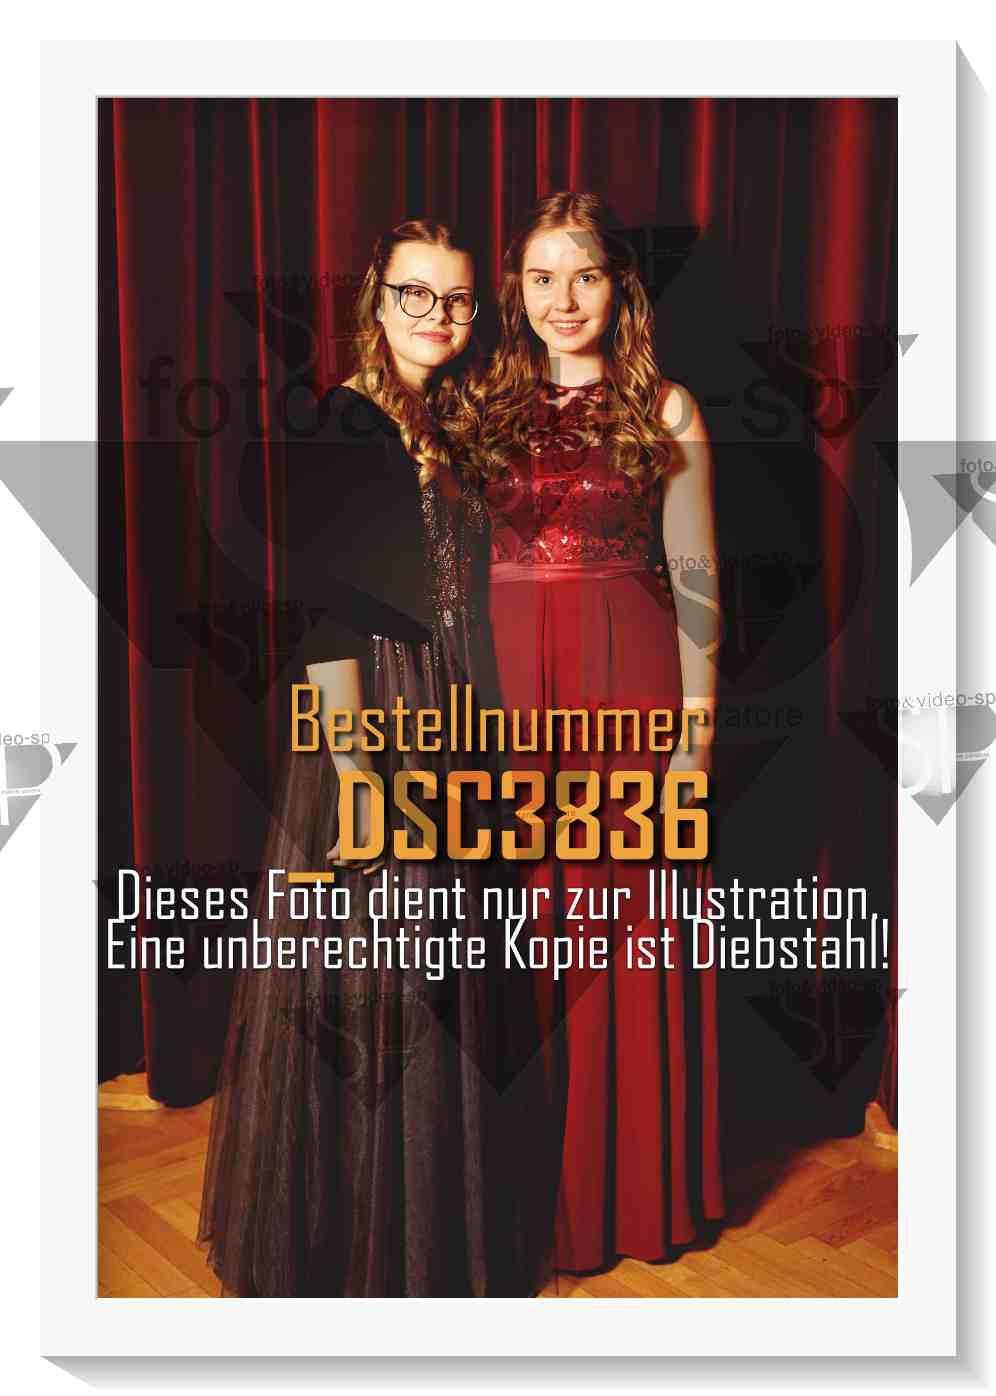 DSC3836